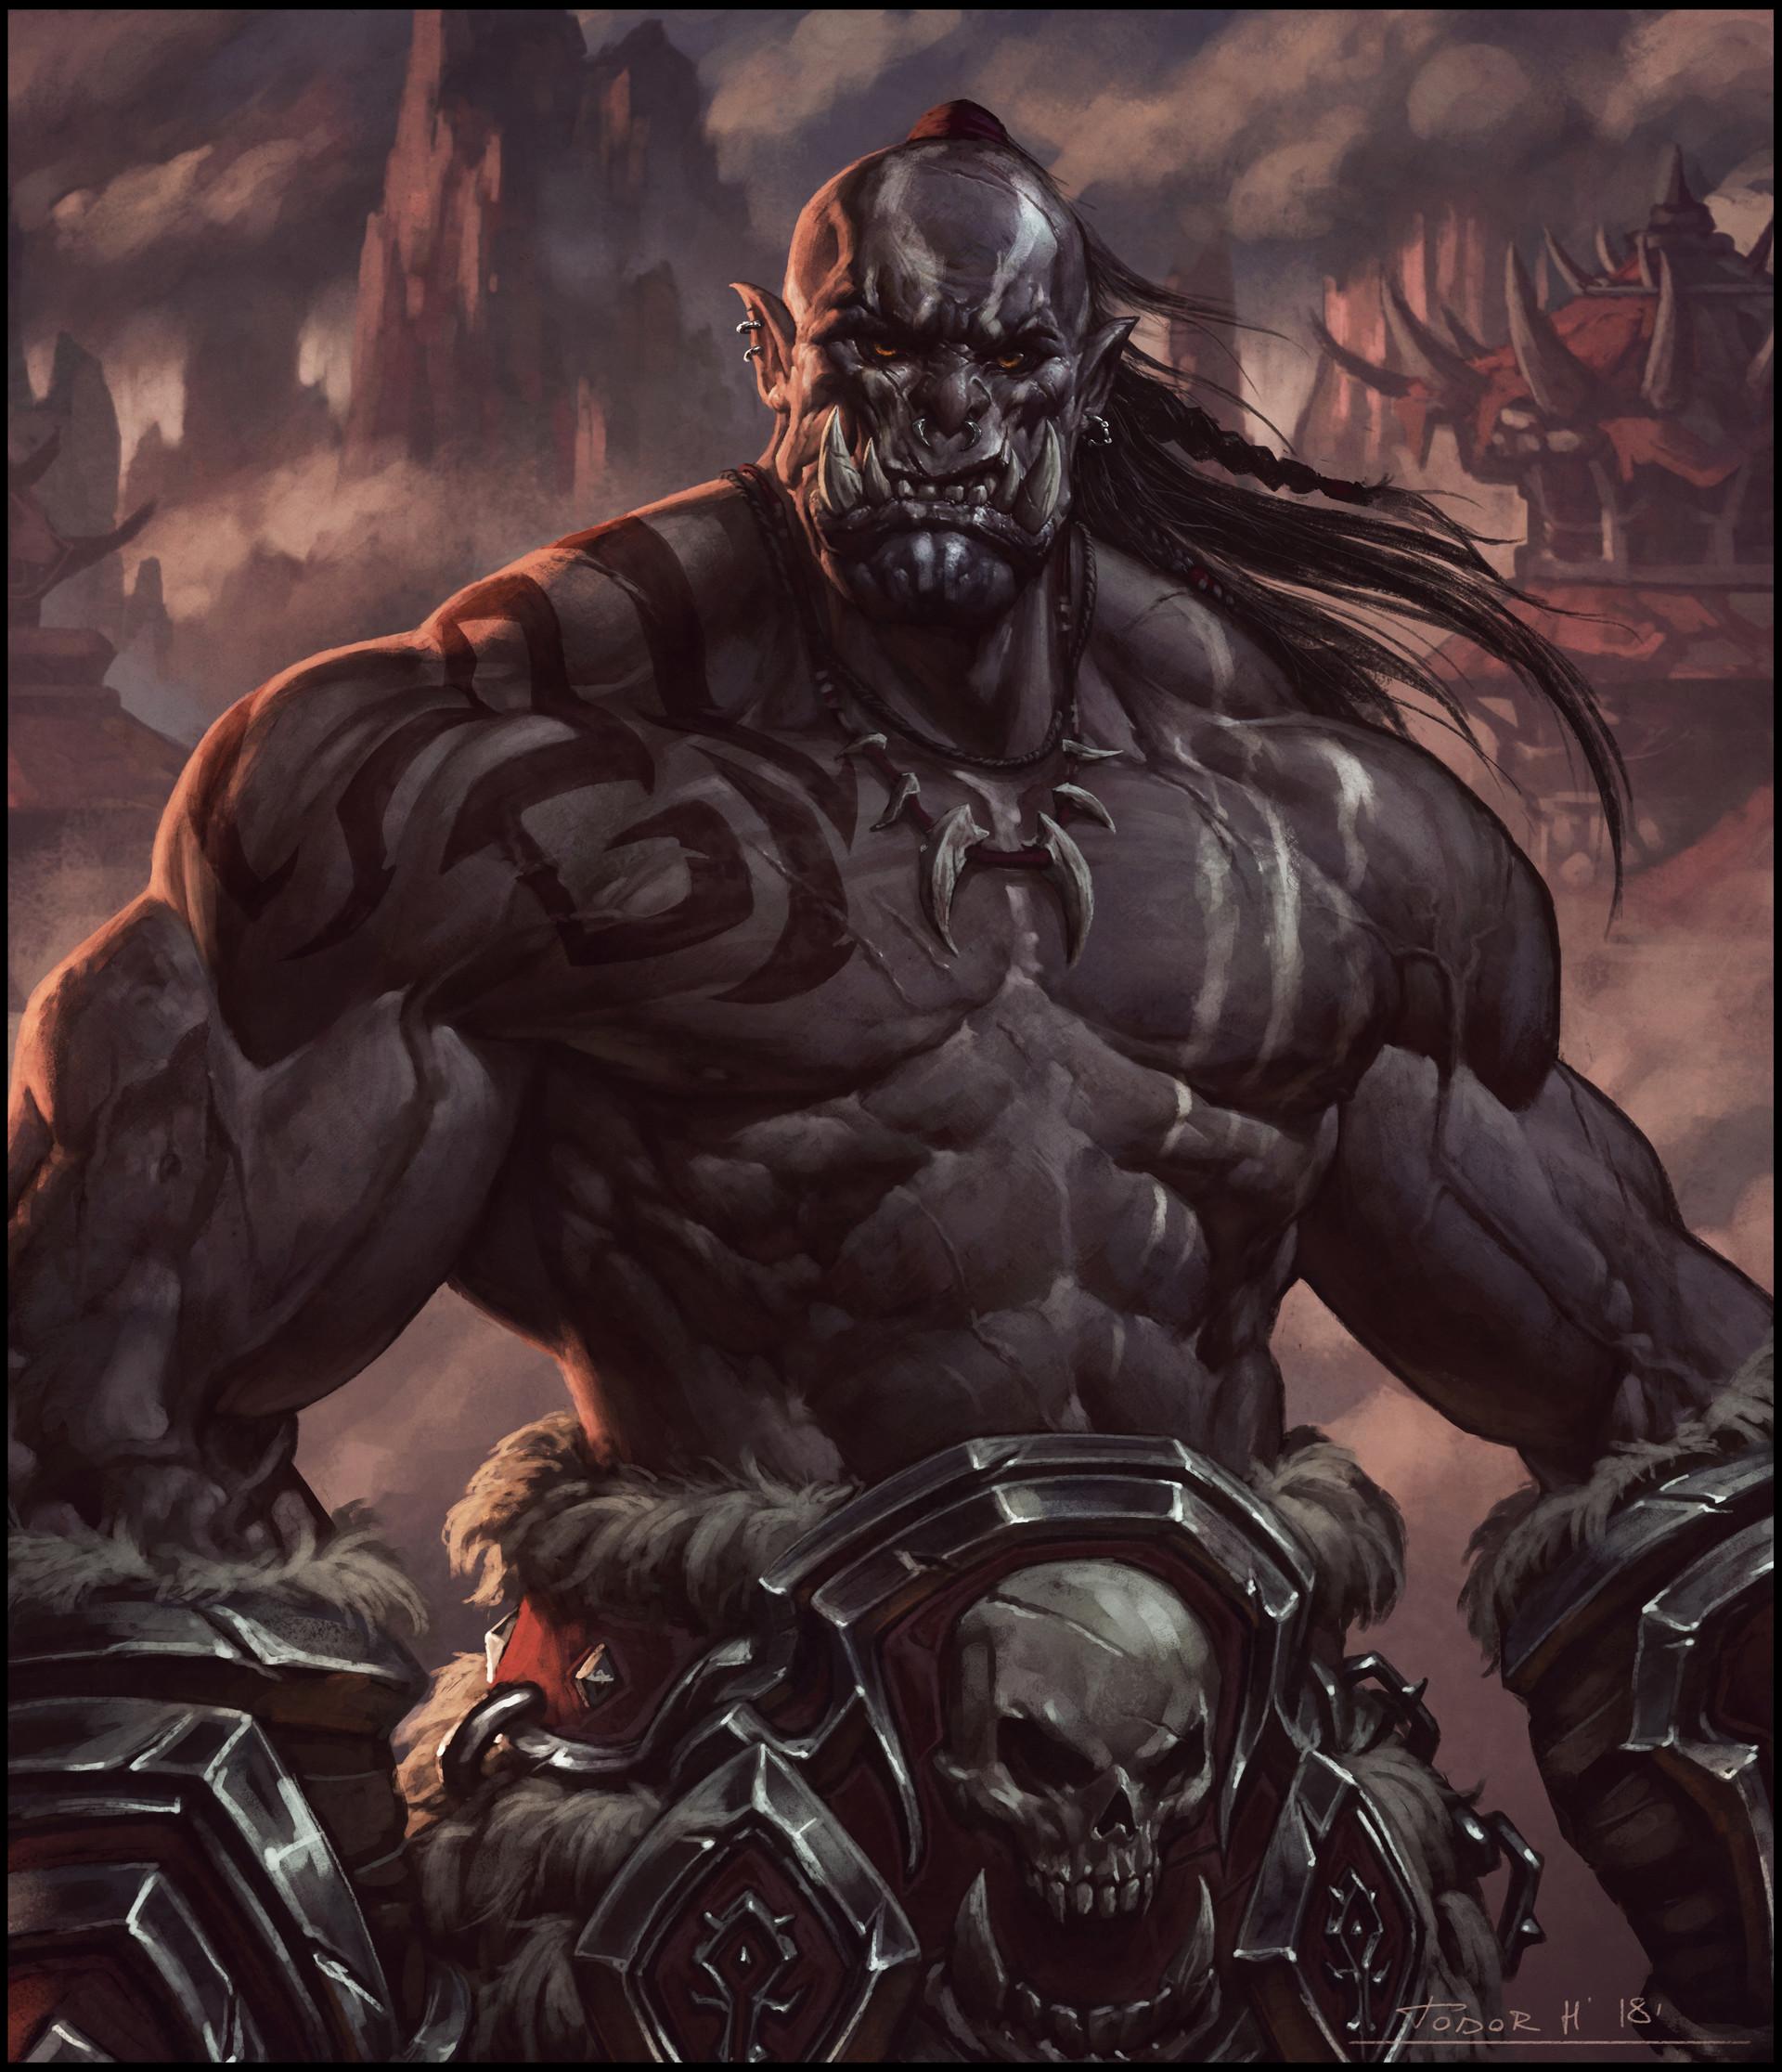 重返德拉诺 来自异世界的玛格汉兽人